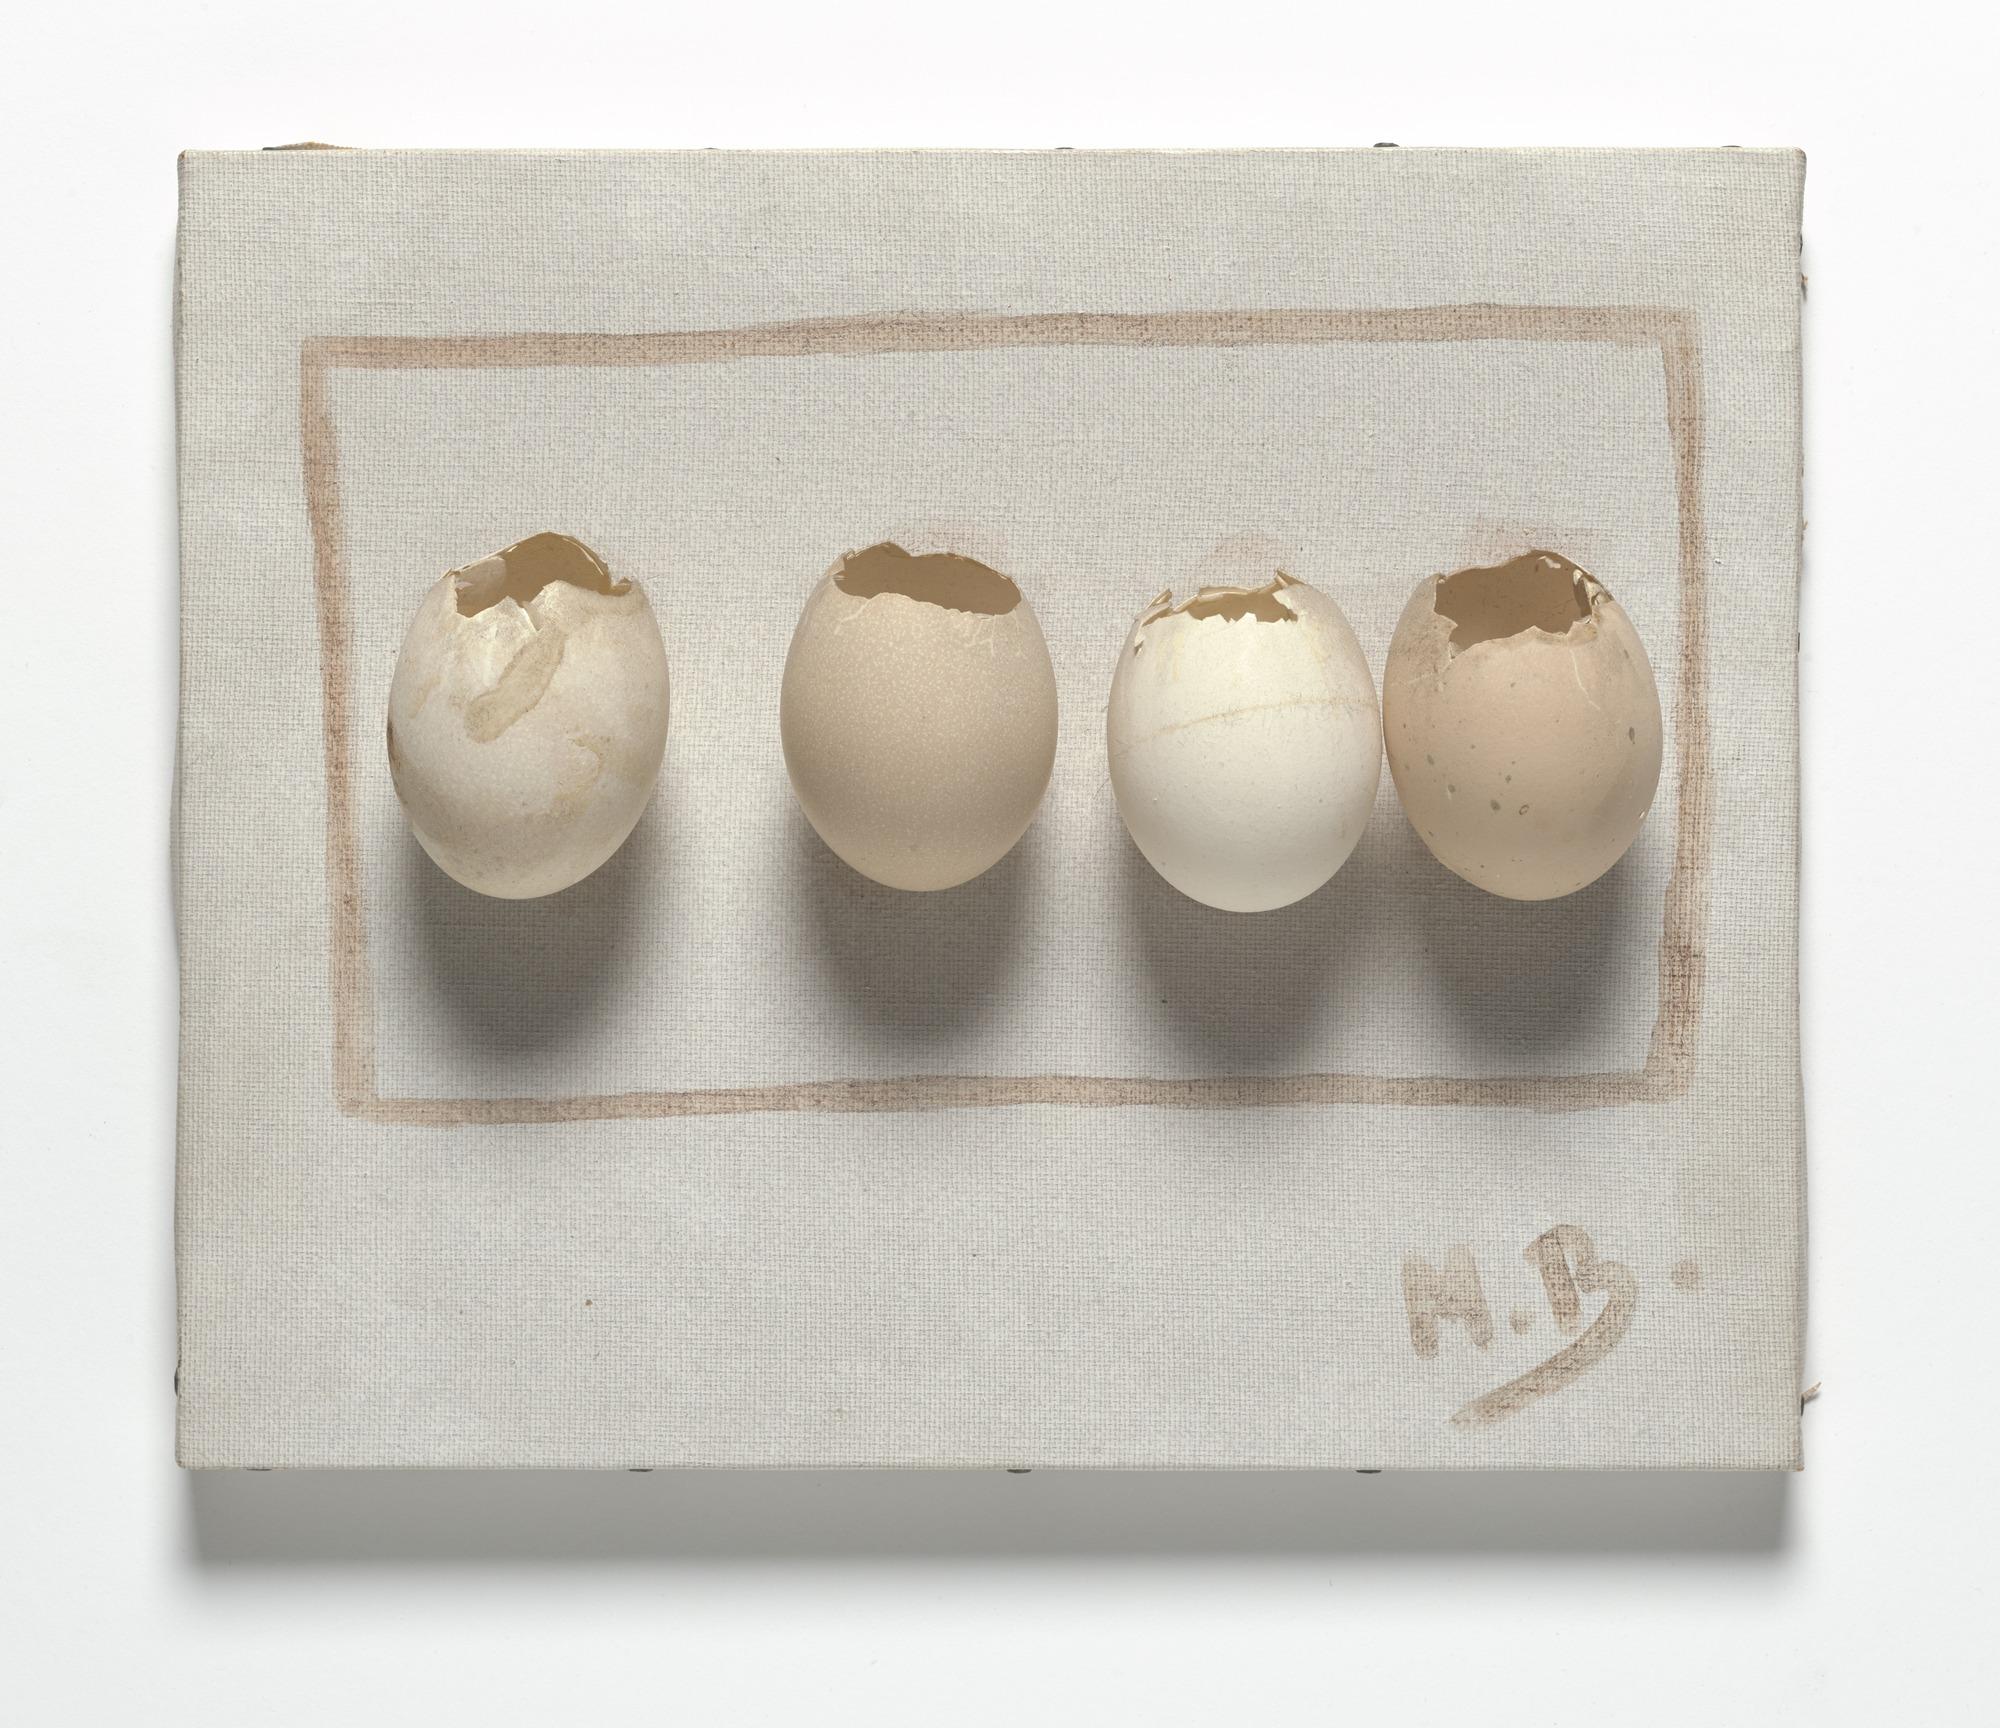 Oeufs / Eggs Marcel Broodthaers